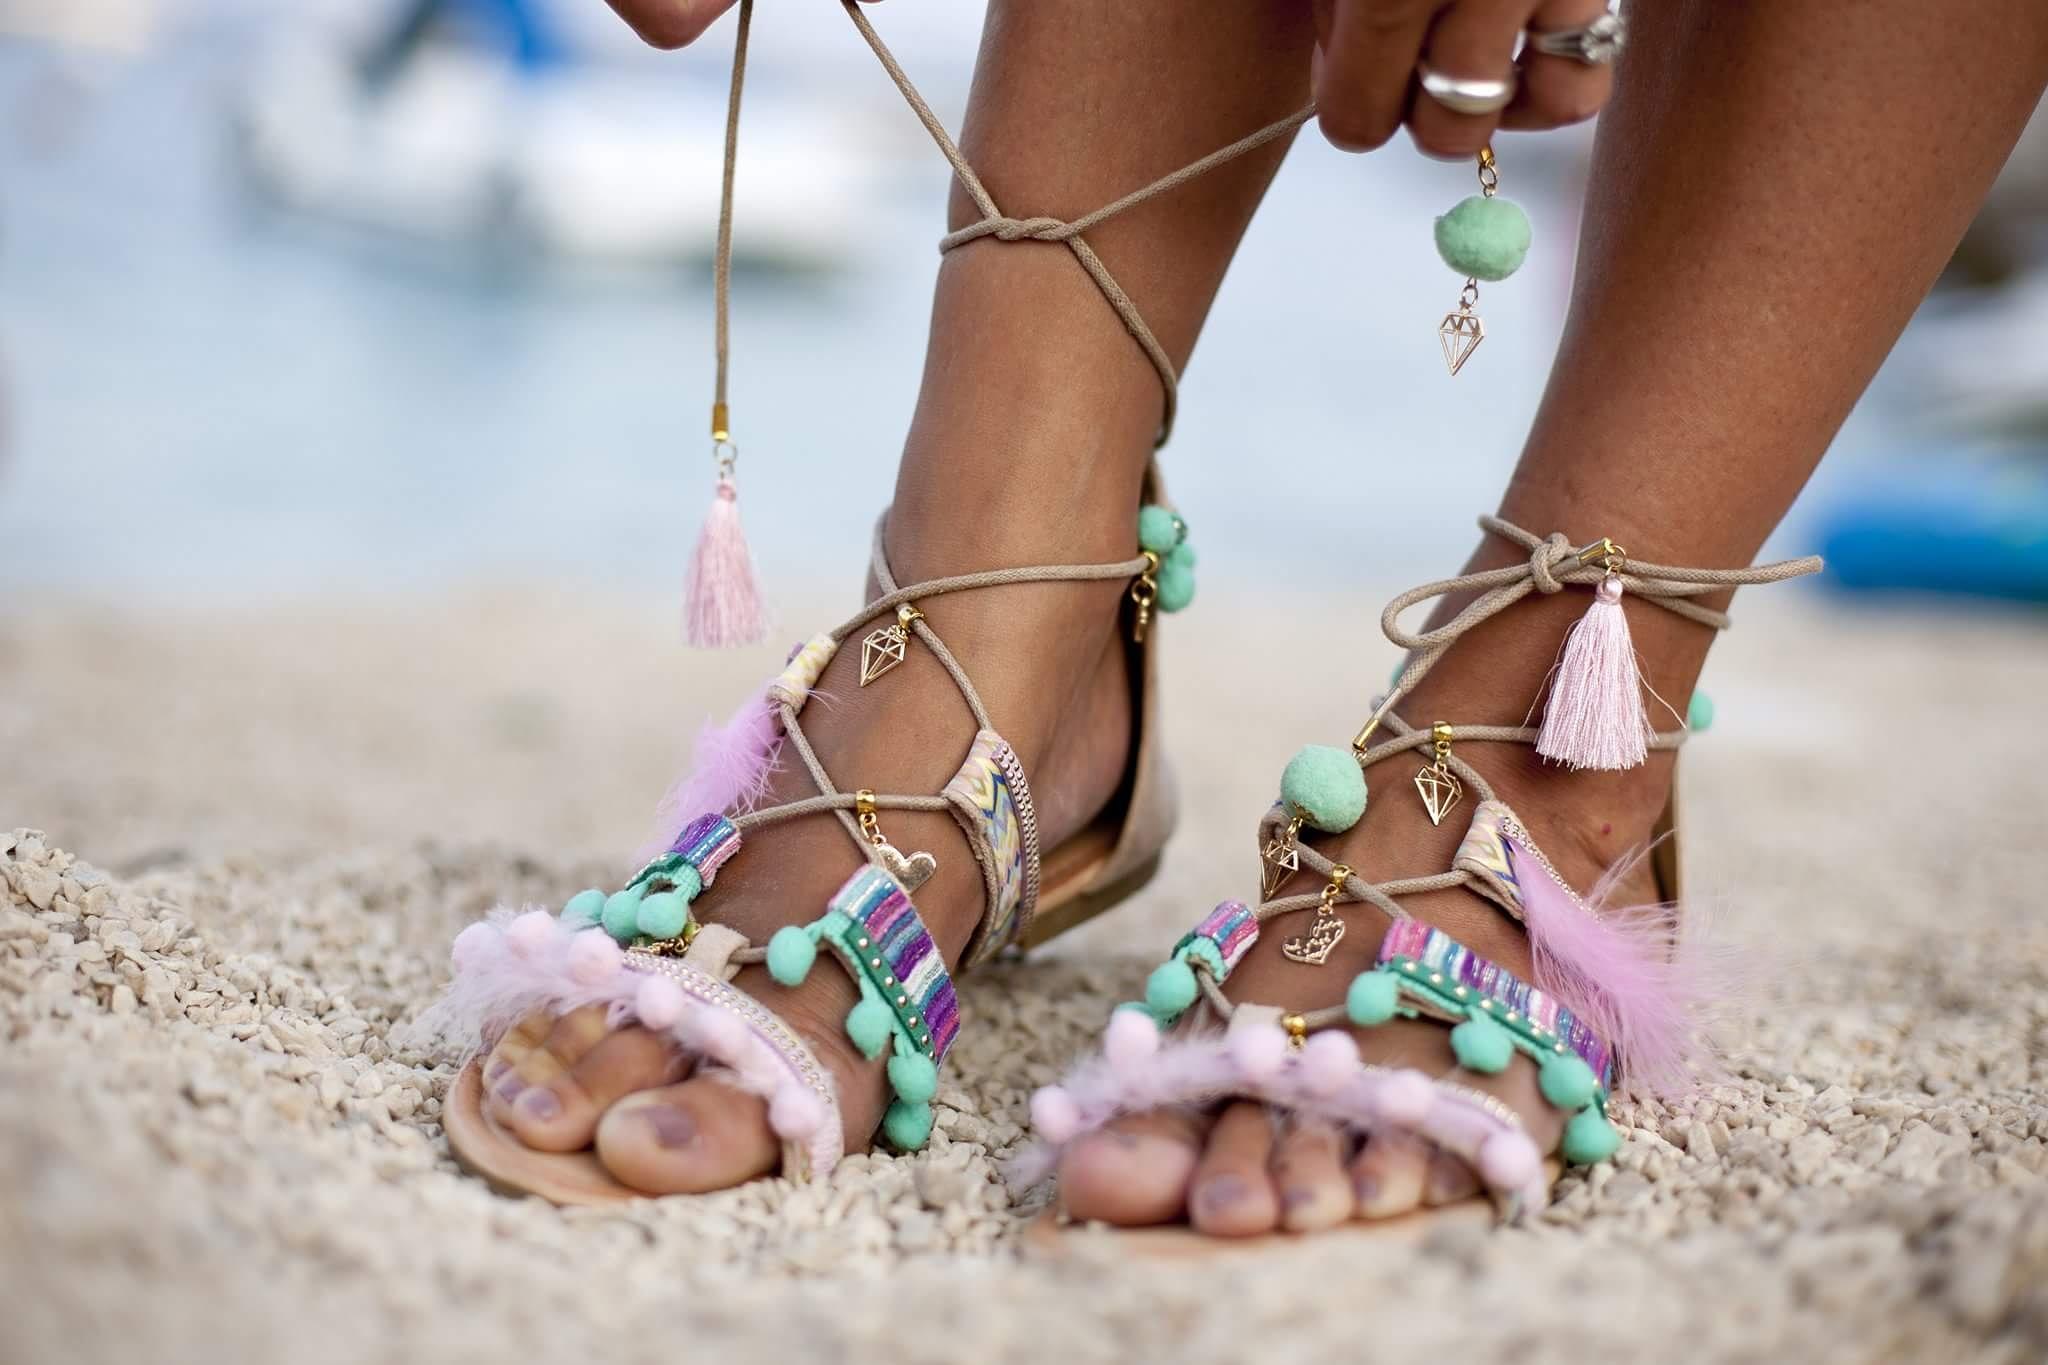 Kako pokrenuti biznis izrade nakita i može li se od toga živjeti marijana izrada nakita posao nakit od doma sandale izrada kućna